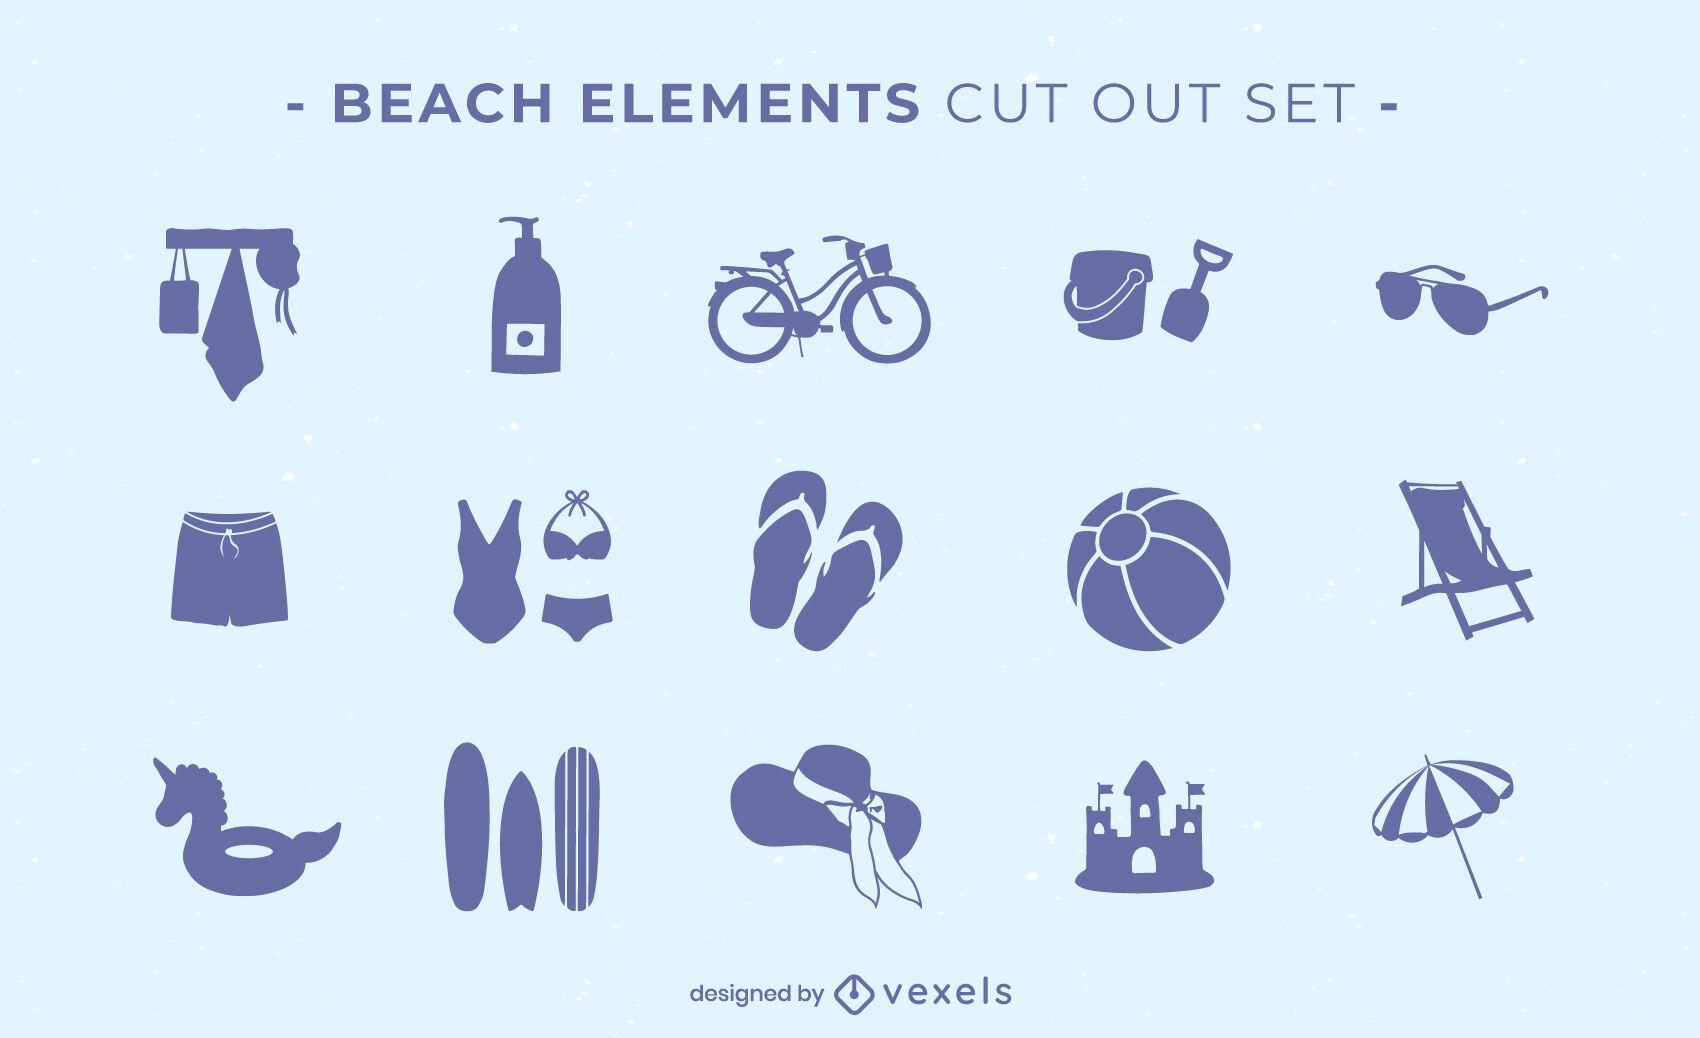 Beach elements cut-out set